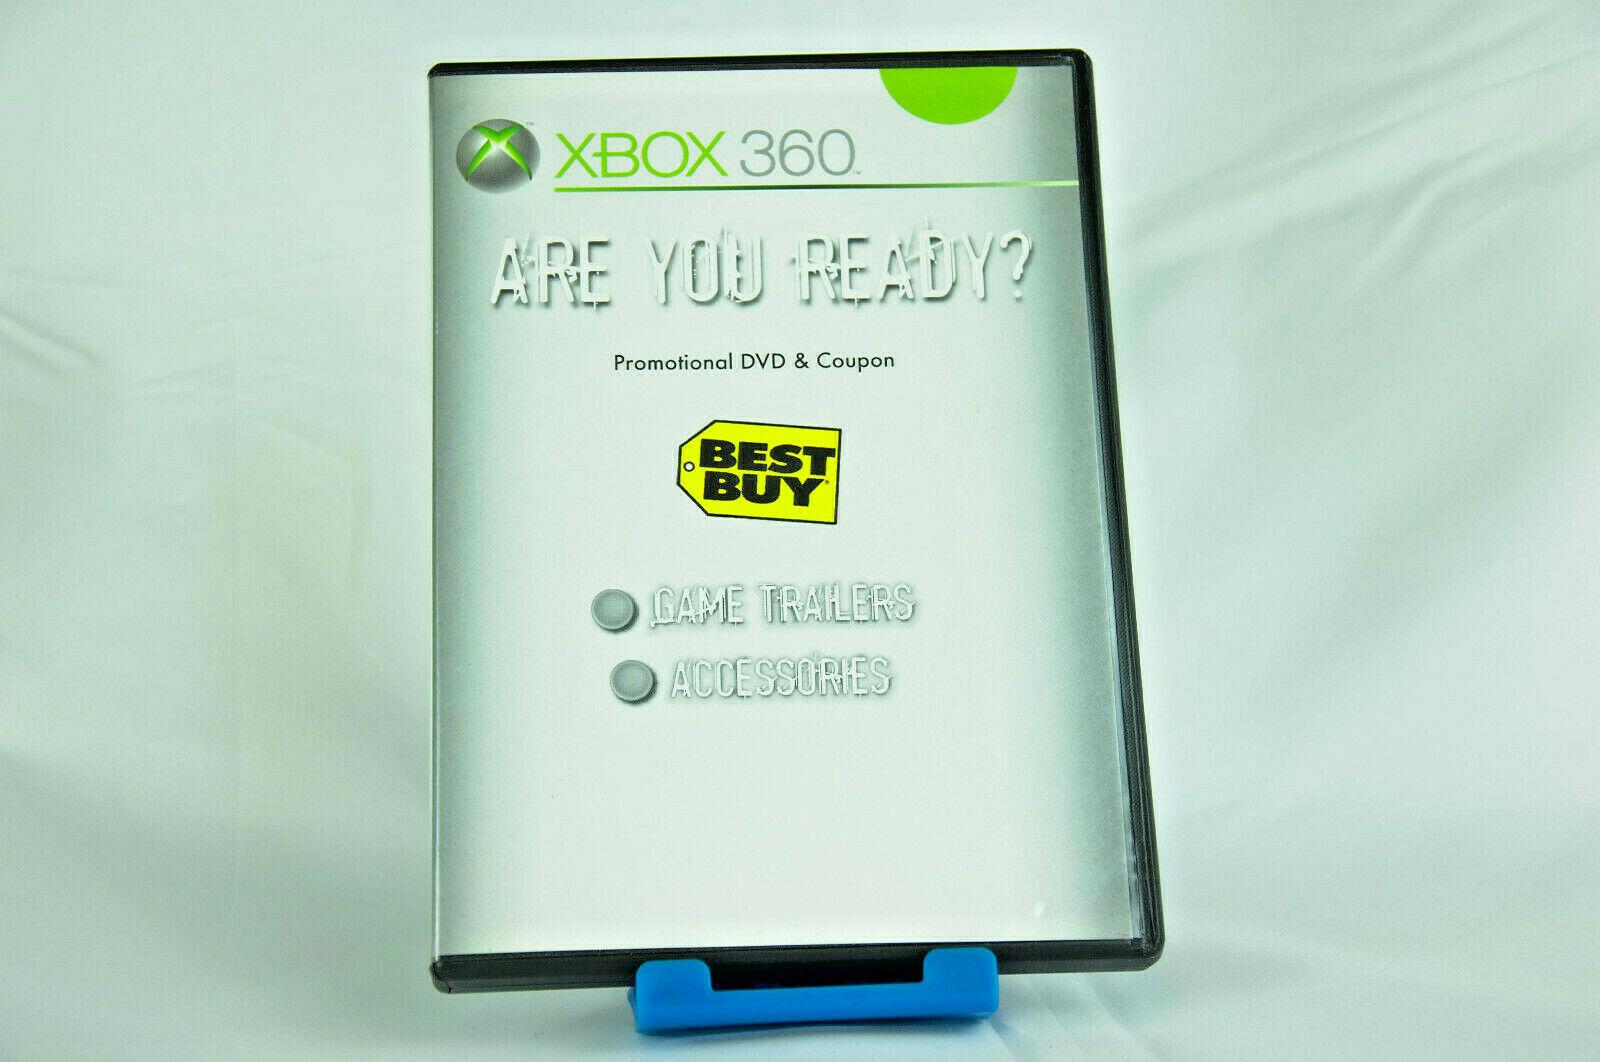 Xbox 360 Best Buy Promotional DVD | Xbox Wiki | FANDOM